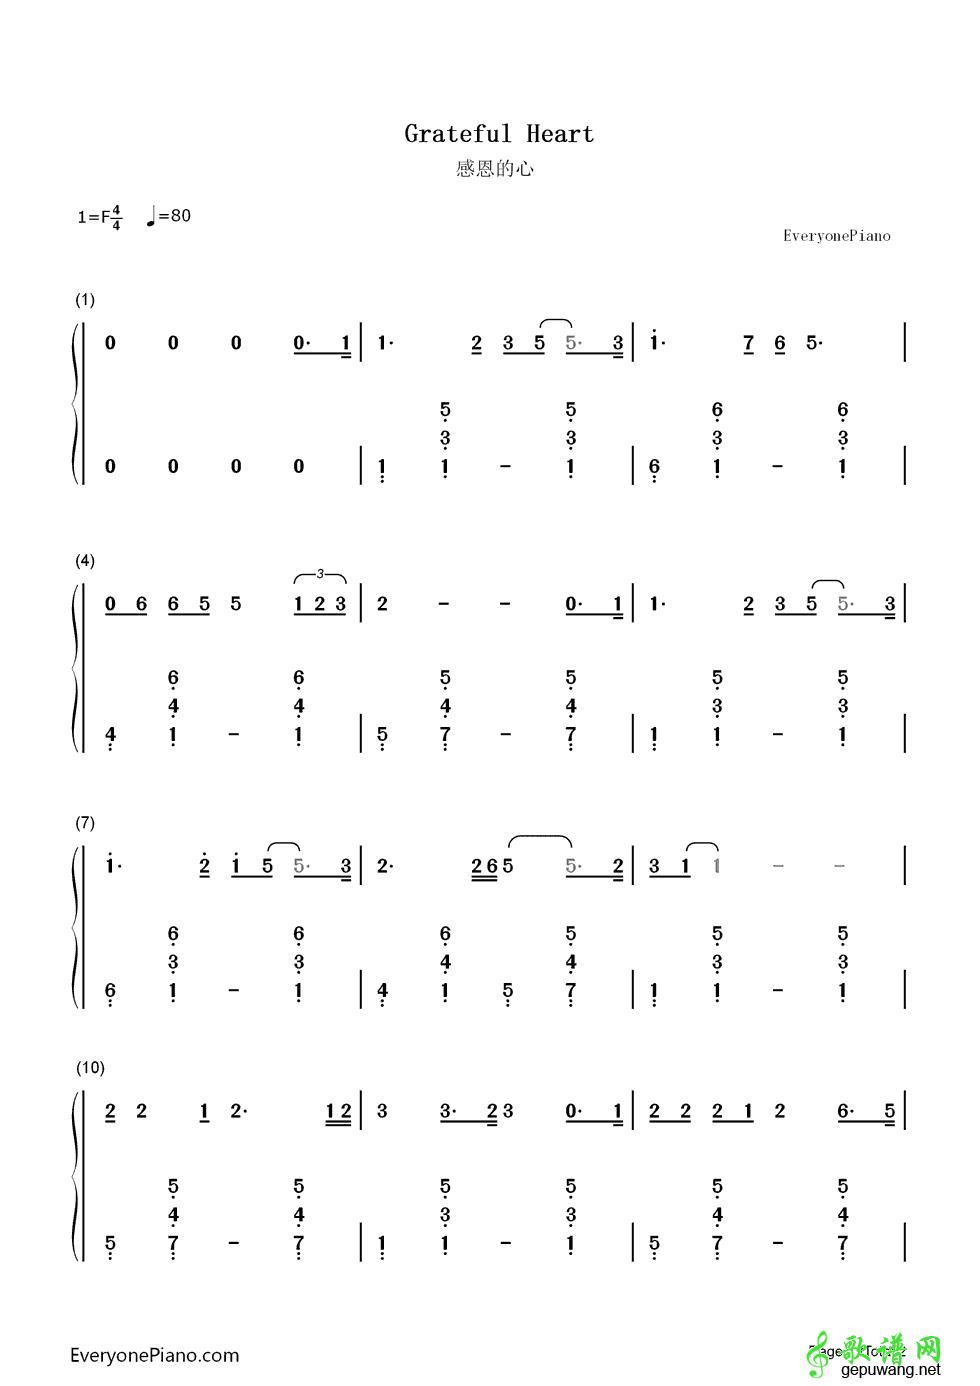 表情 感恩的心钢琴谱 欧阳菲菲 感恩的心钢琴简谱 2 歌谱网 表情